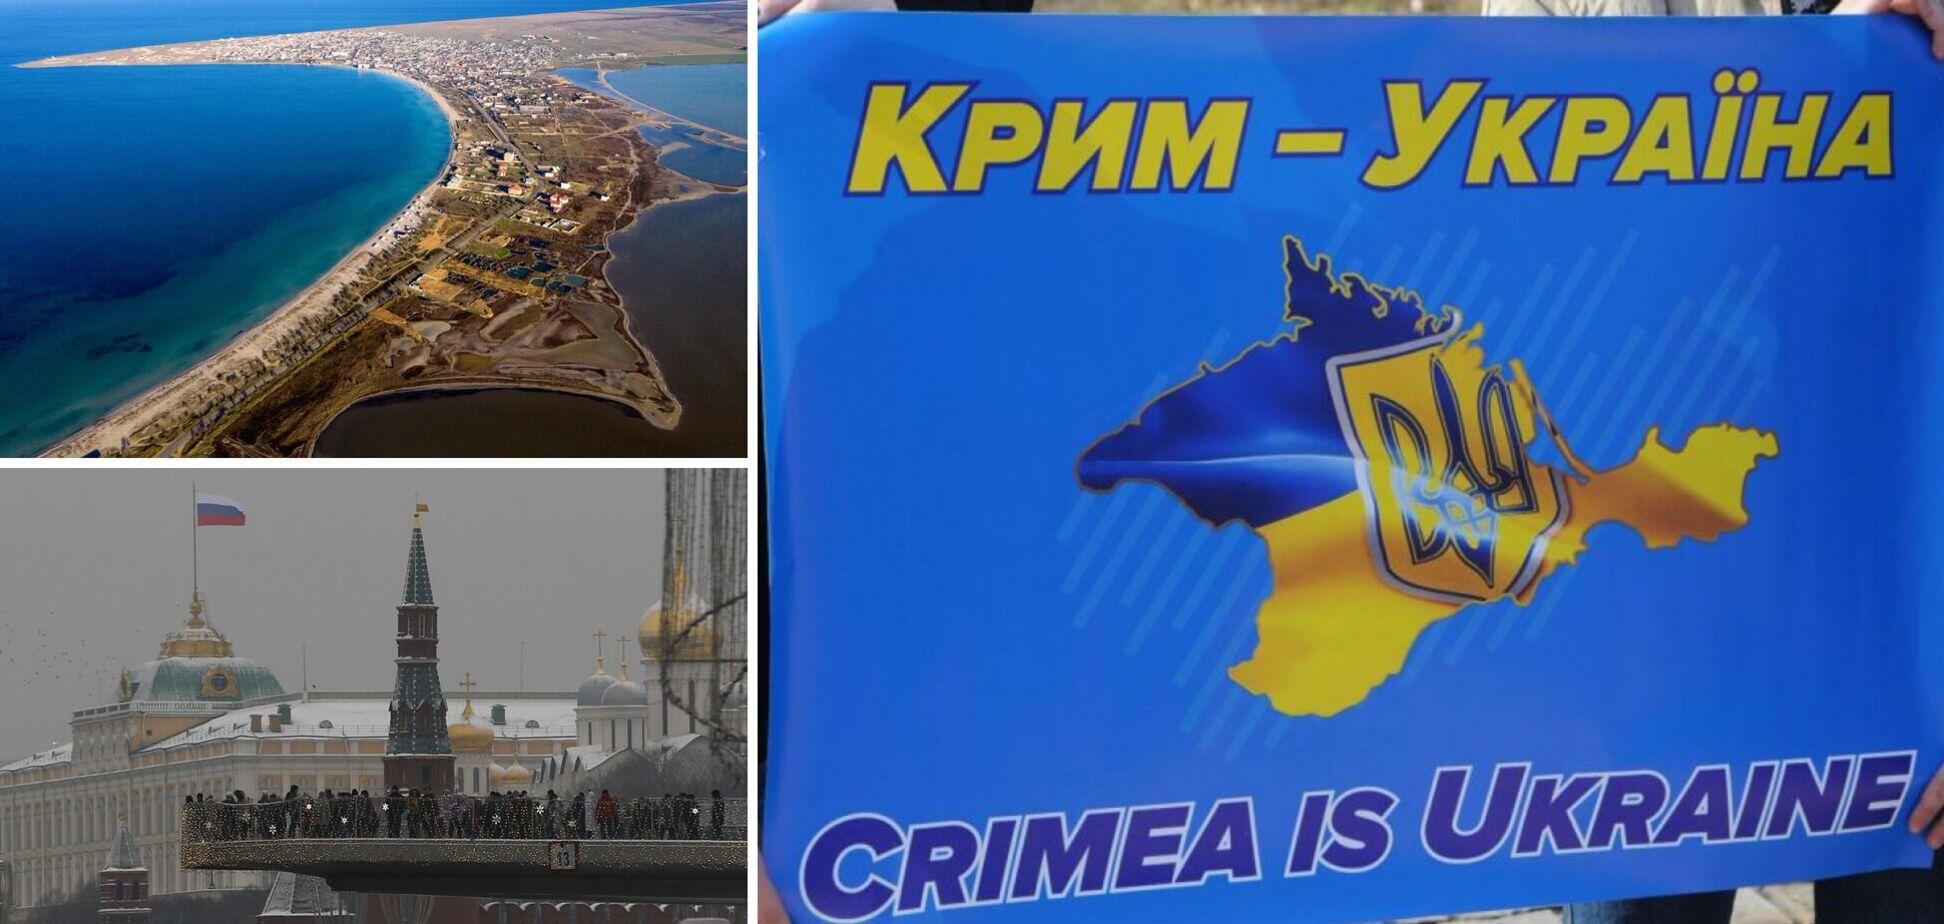 Яременко: у Крыма нет будущего с Россией. В Кремле понимают, что вопрос с полуостровом не закрыт